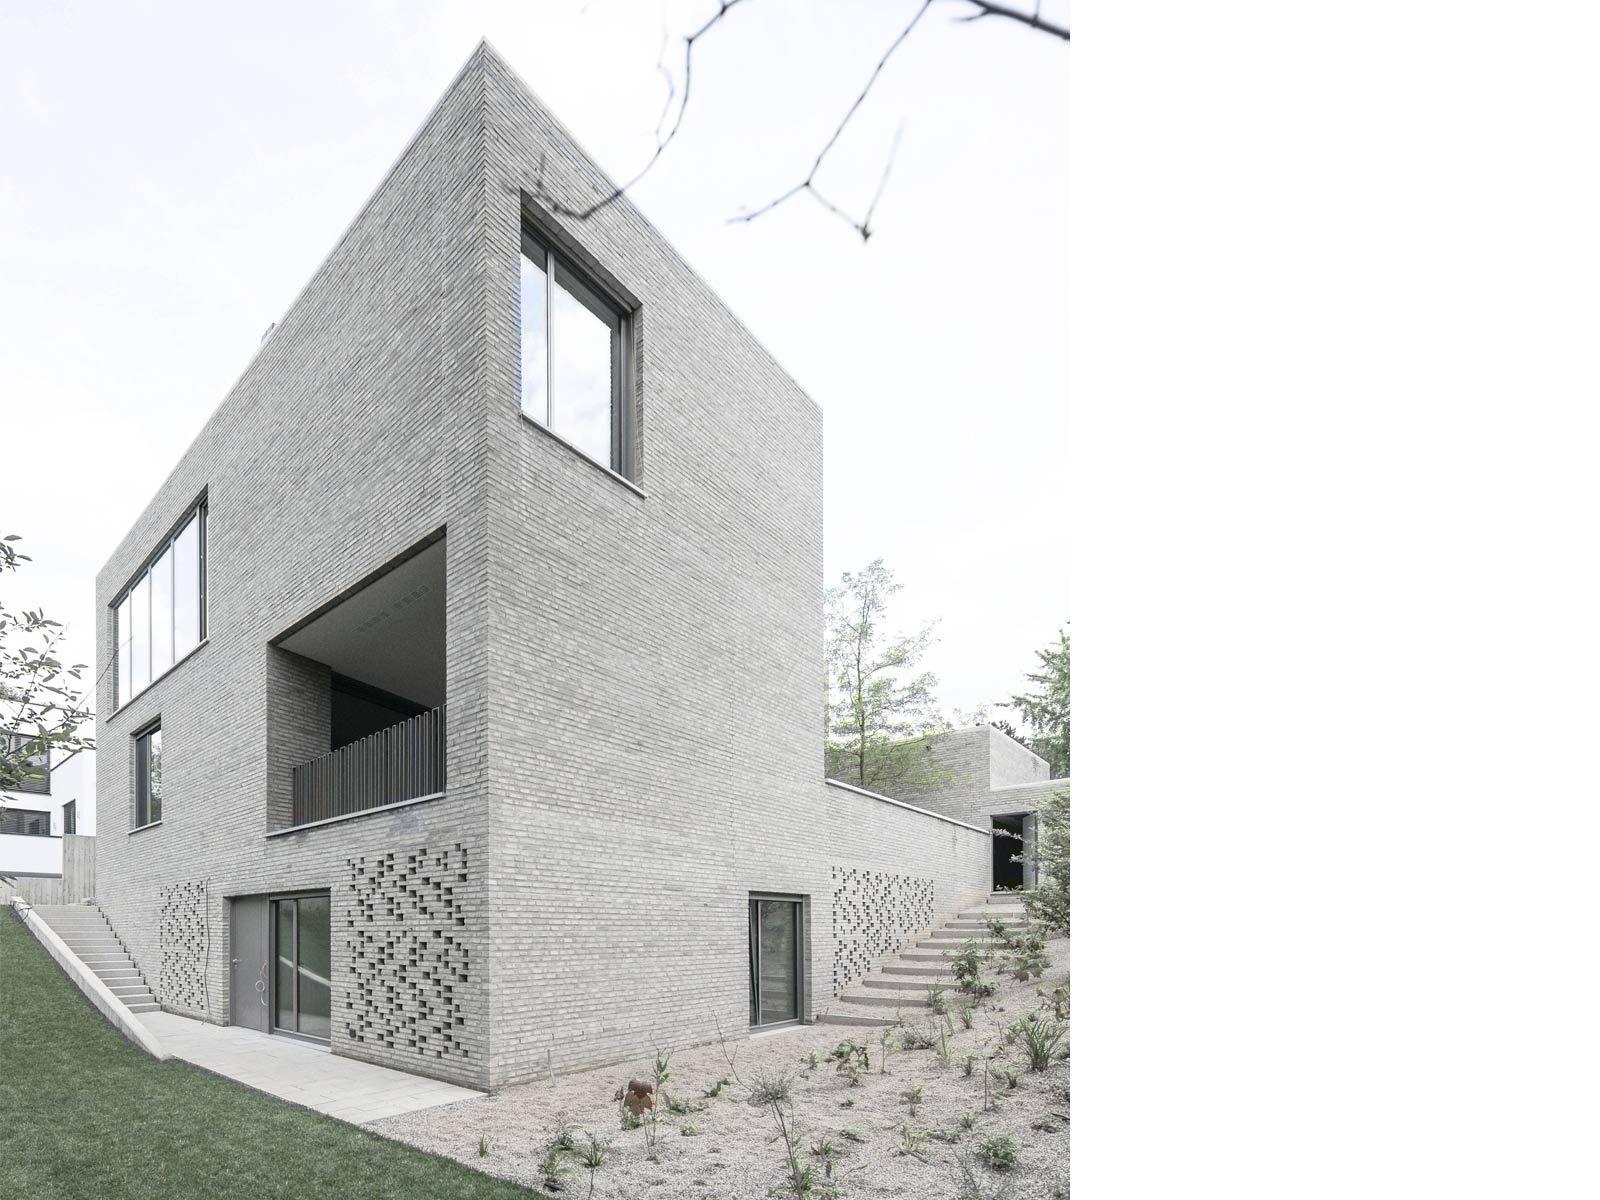 Architekt Emsdetten bayer und strobel architekten wohnhaus z best architects 14 in